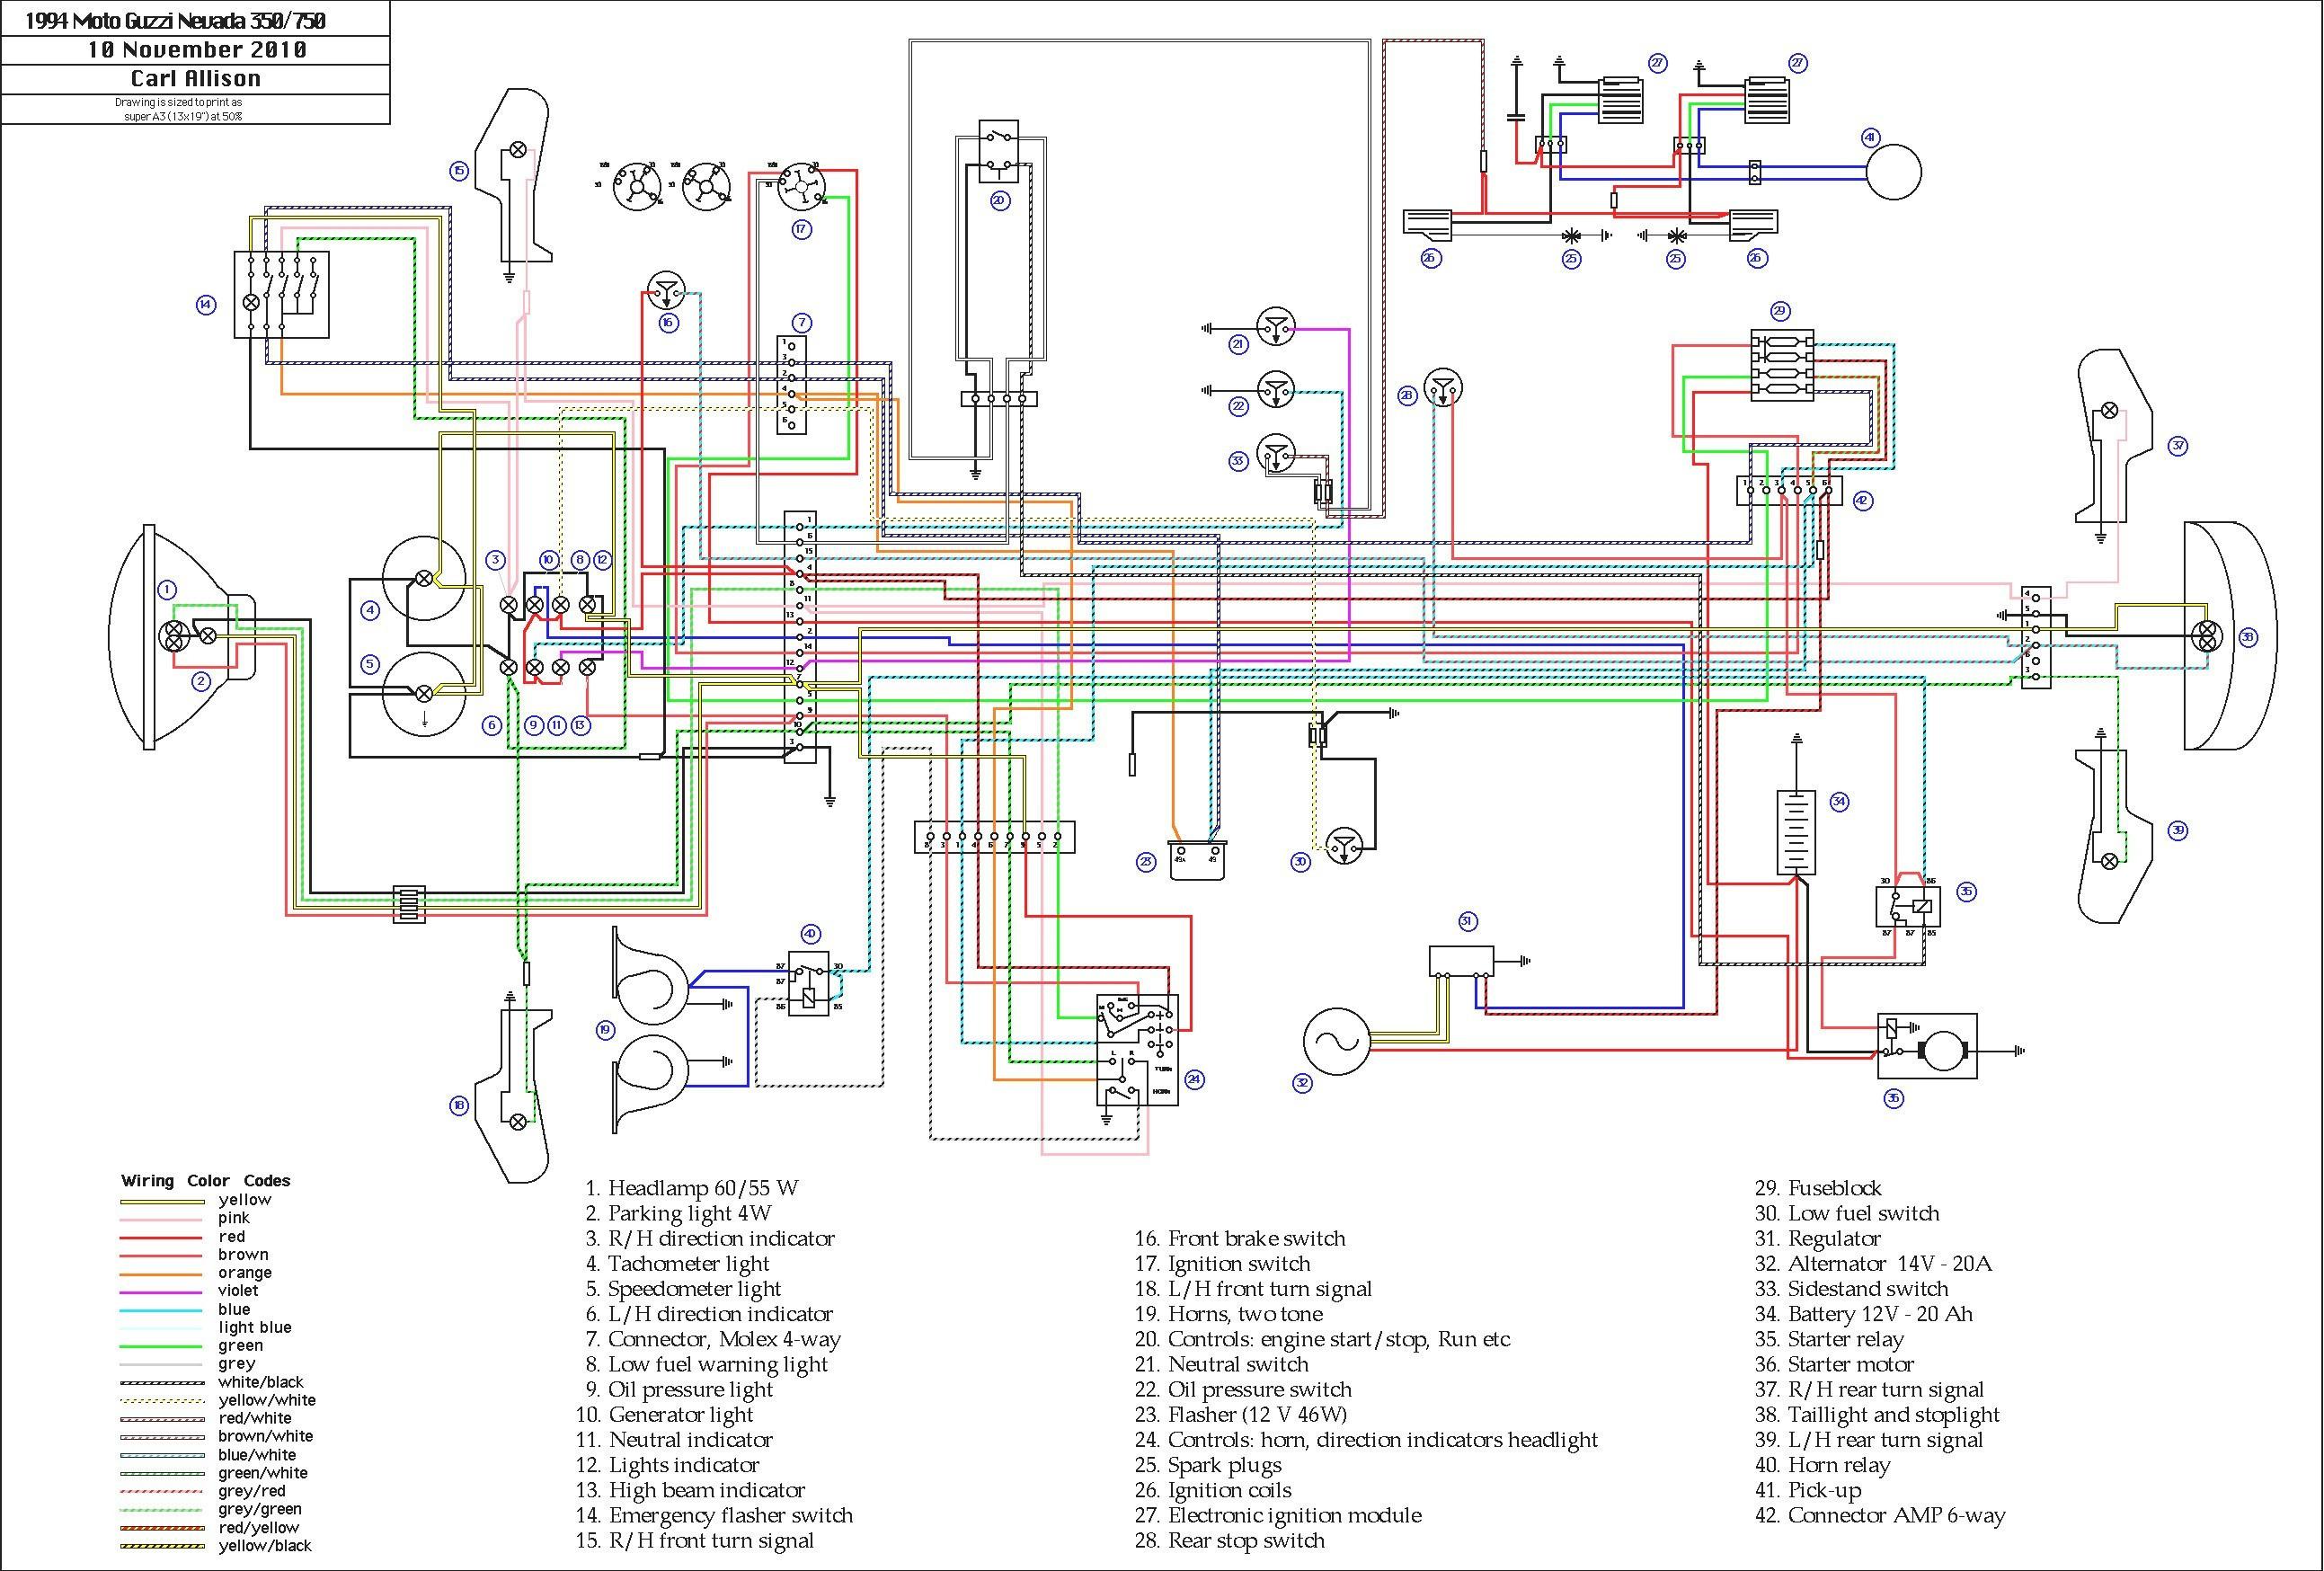 [SCHEMATICS_4ER]  6B2 Wiring Diagram For Honda 300ex | Wiring Library | Honda 300ex Wiring Schematic |  | Wiring Library